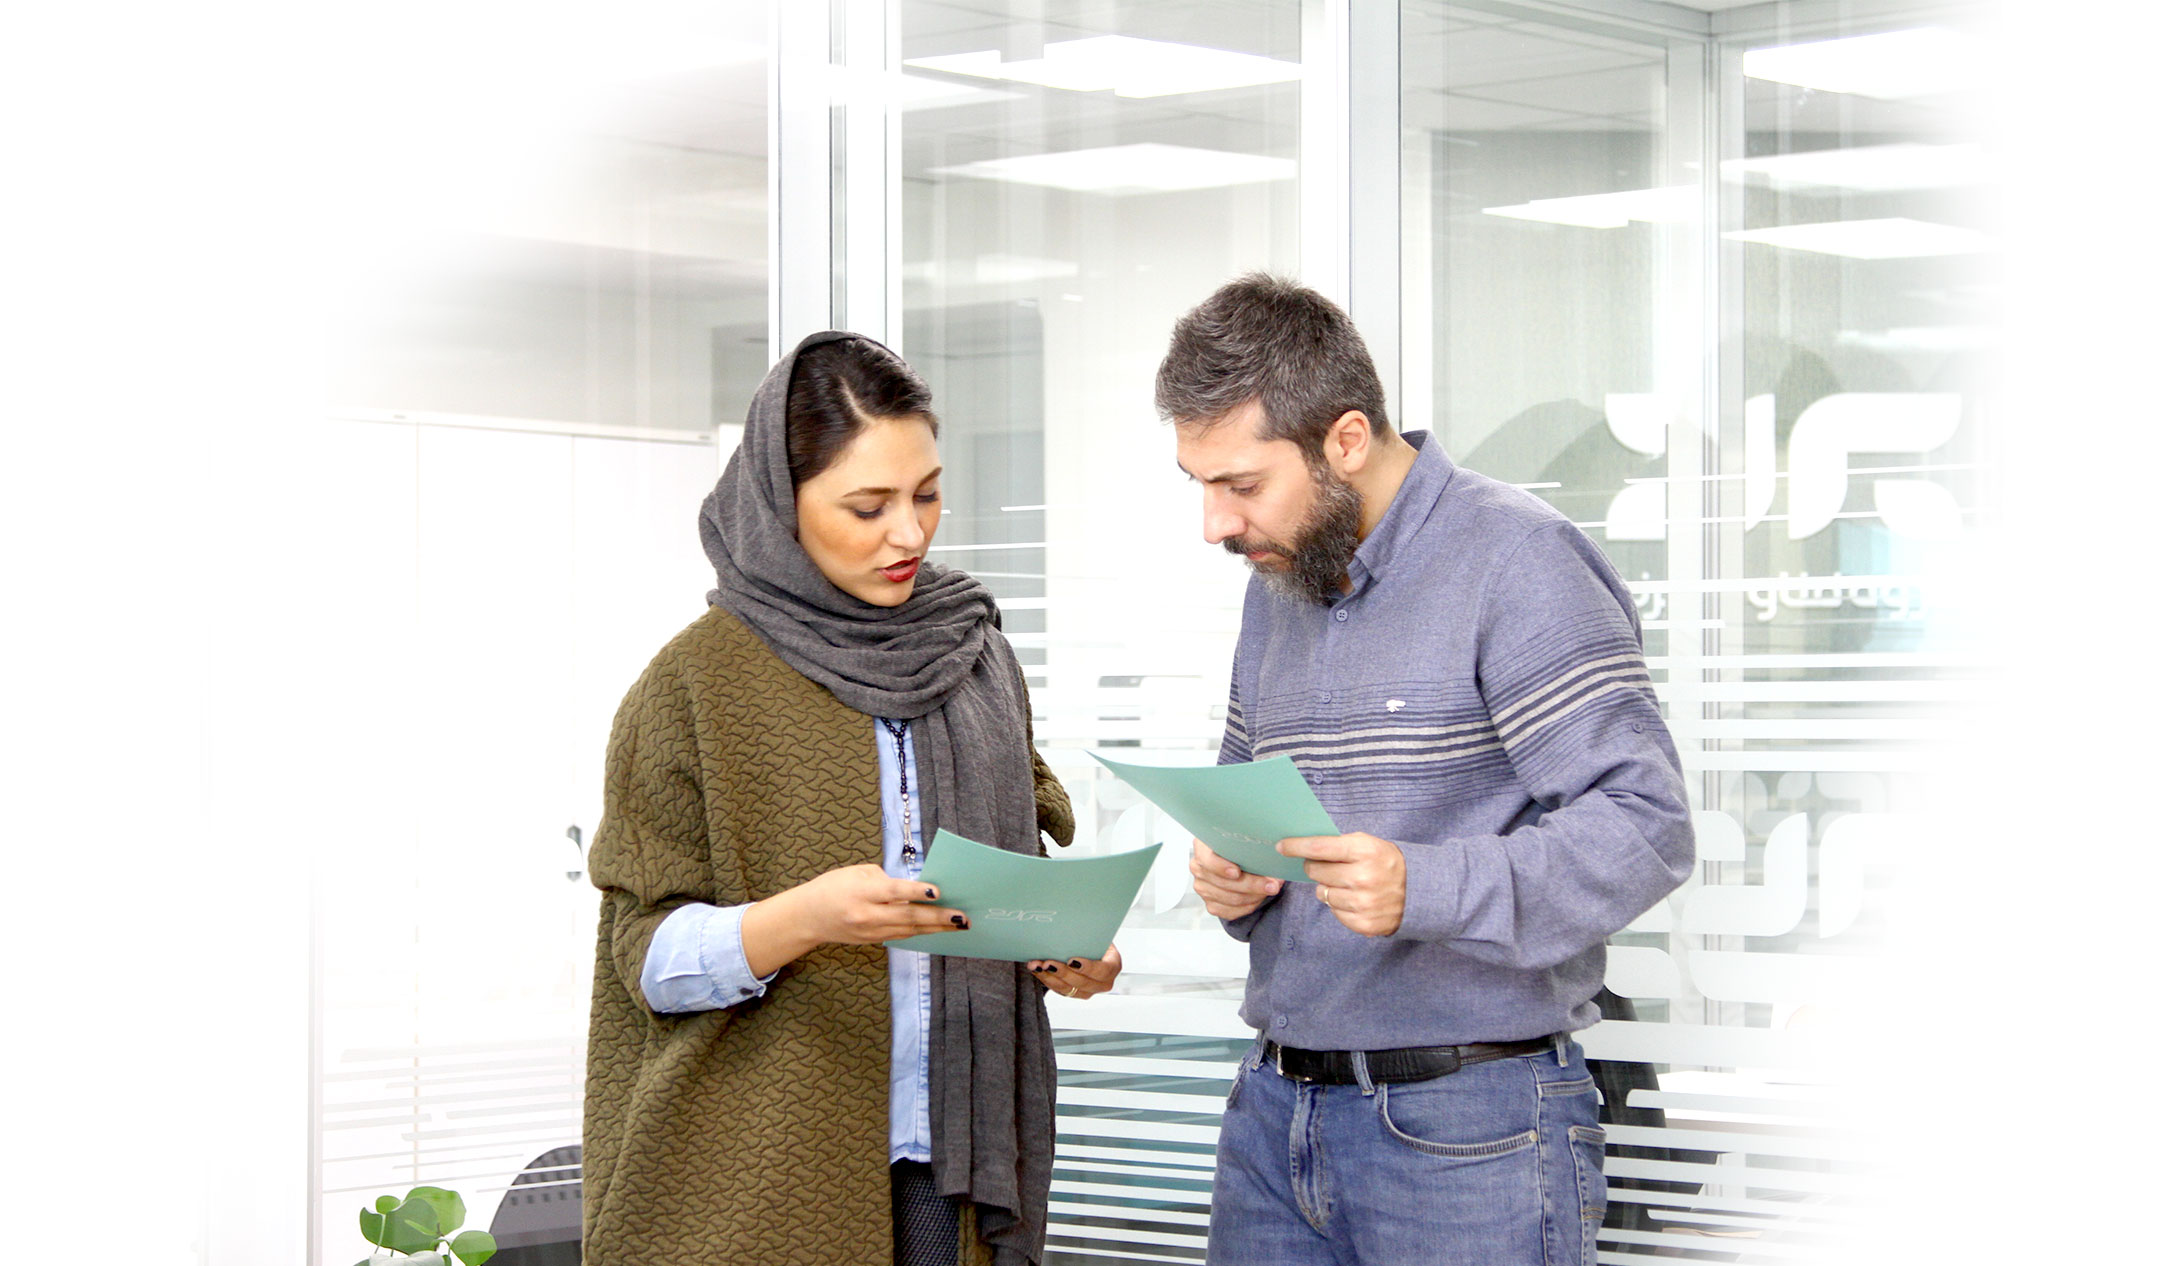 پیاده سازی راهکارهای مدیریت خدمات فناوری اطلاعات